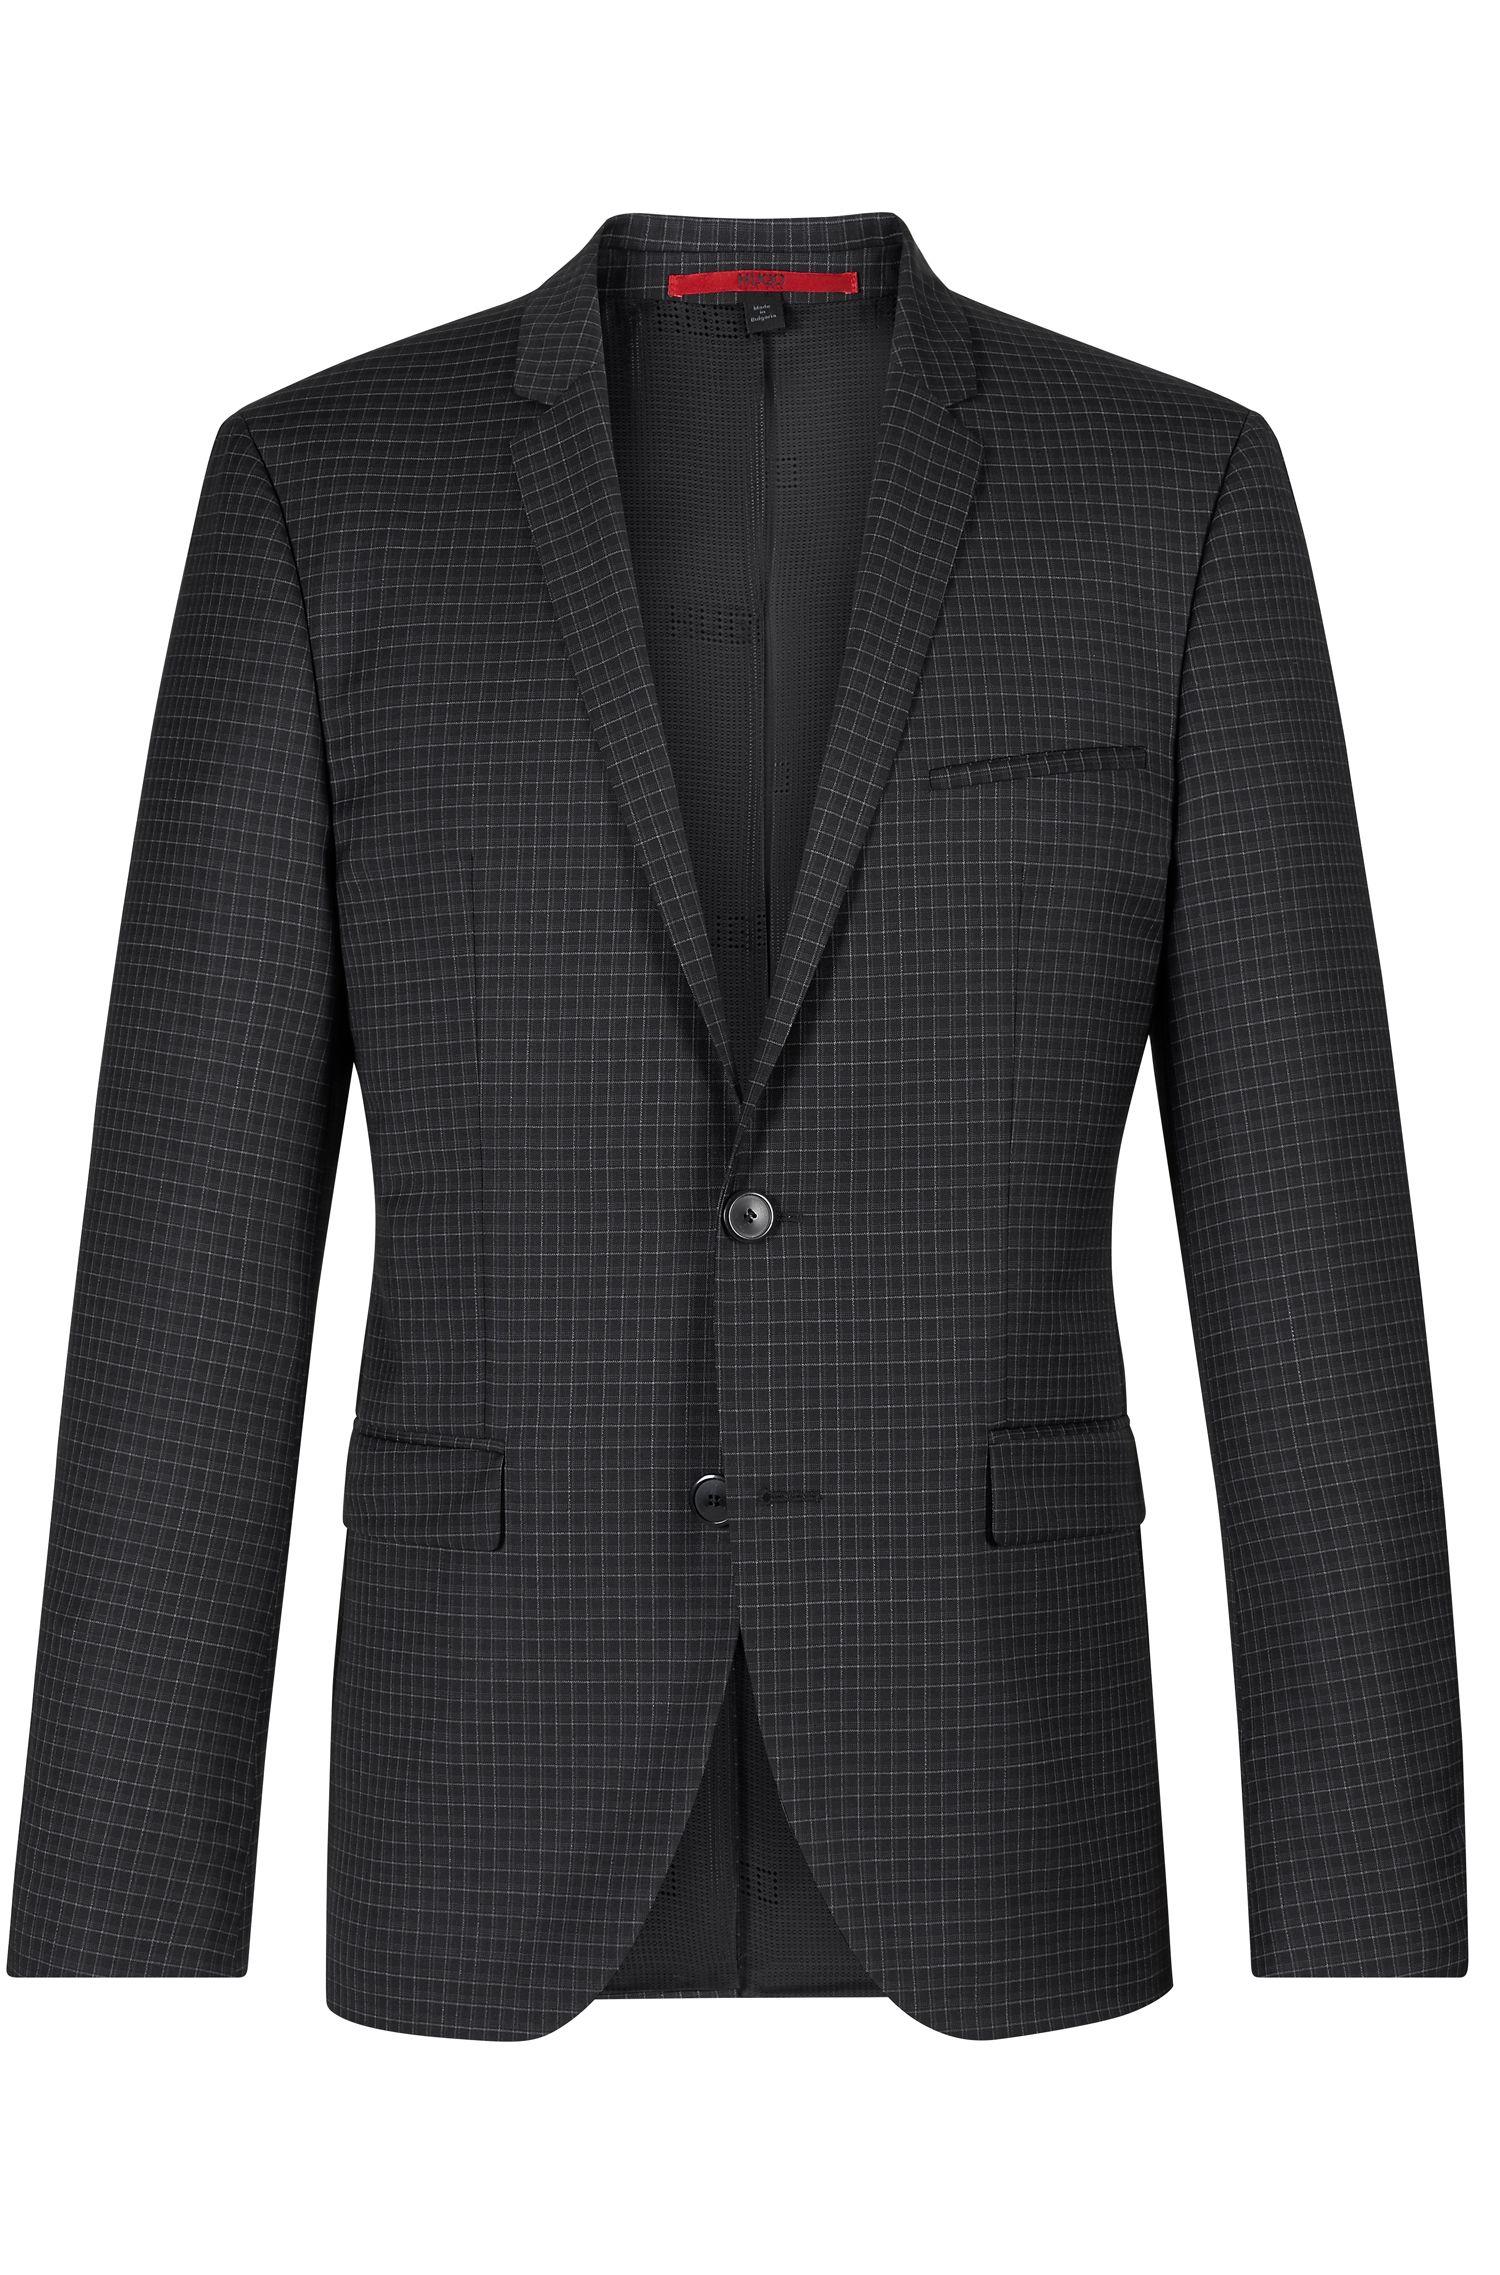 'Adris' | Extra Slim Fit, Virgin Wool Sport Coat